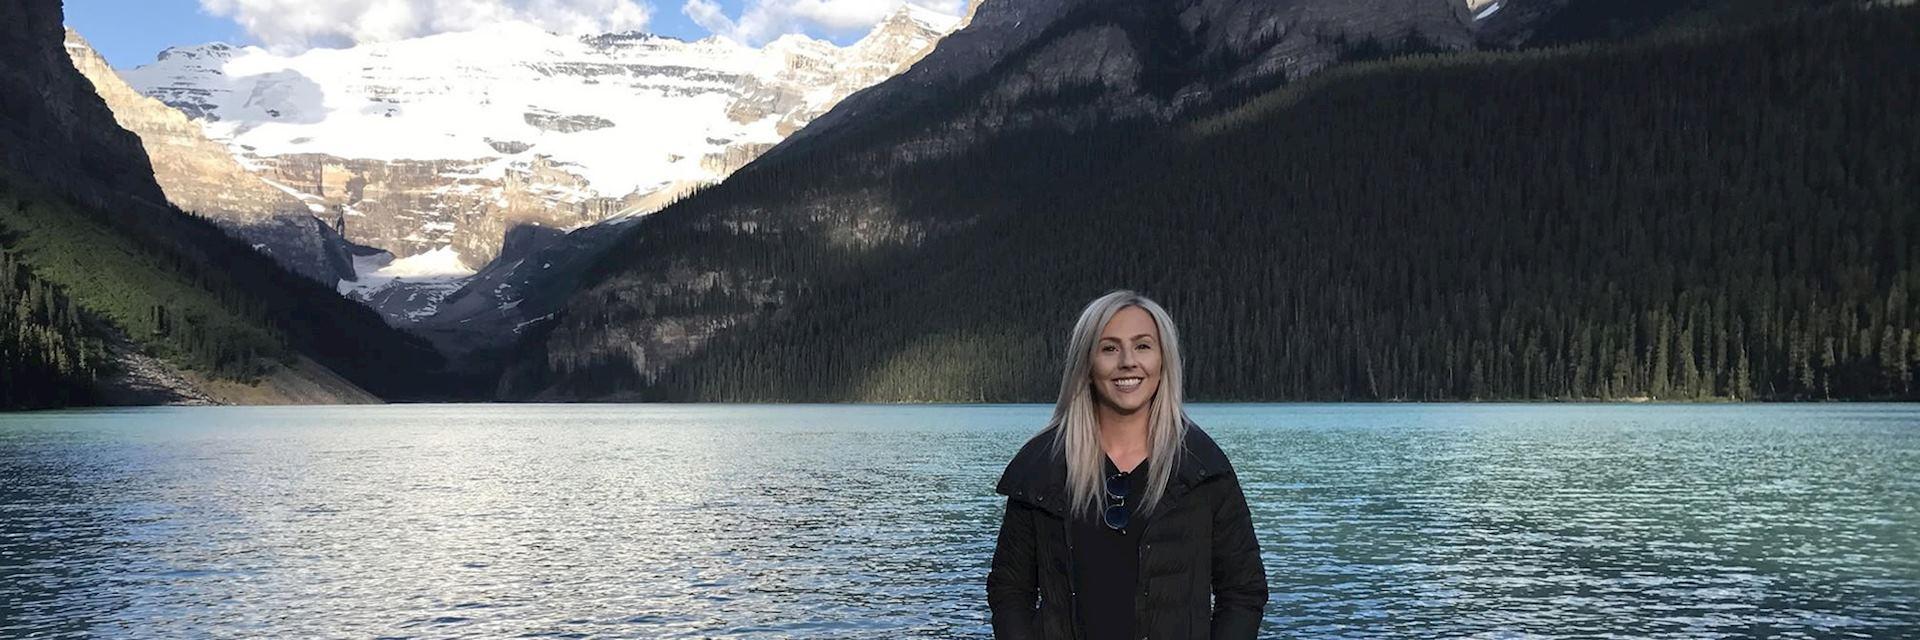 Emily at Lake Louise